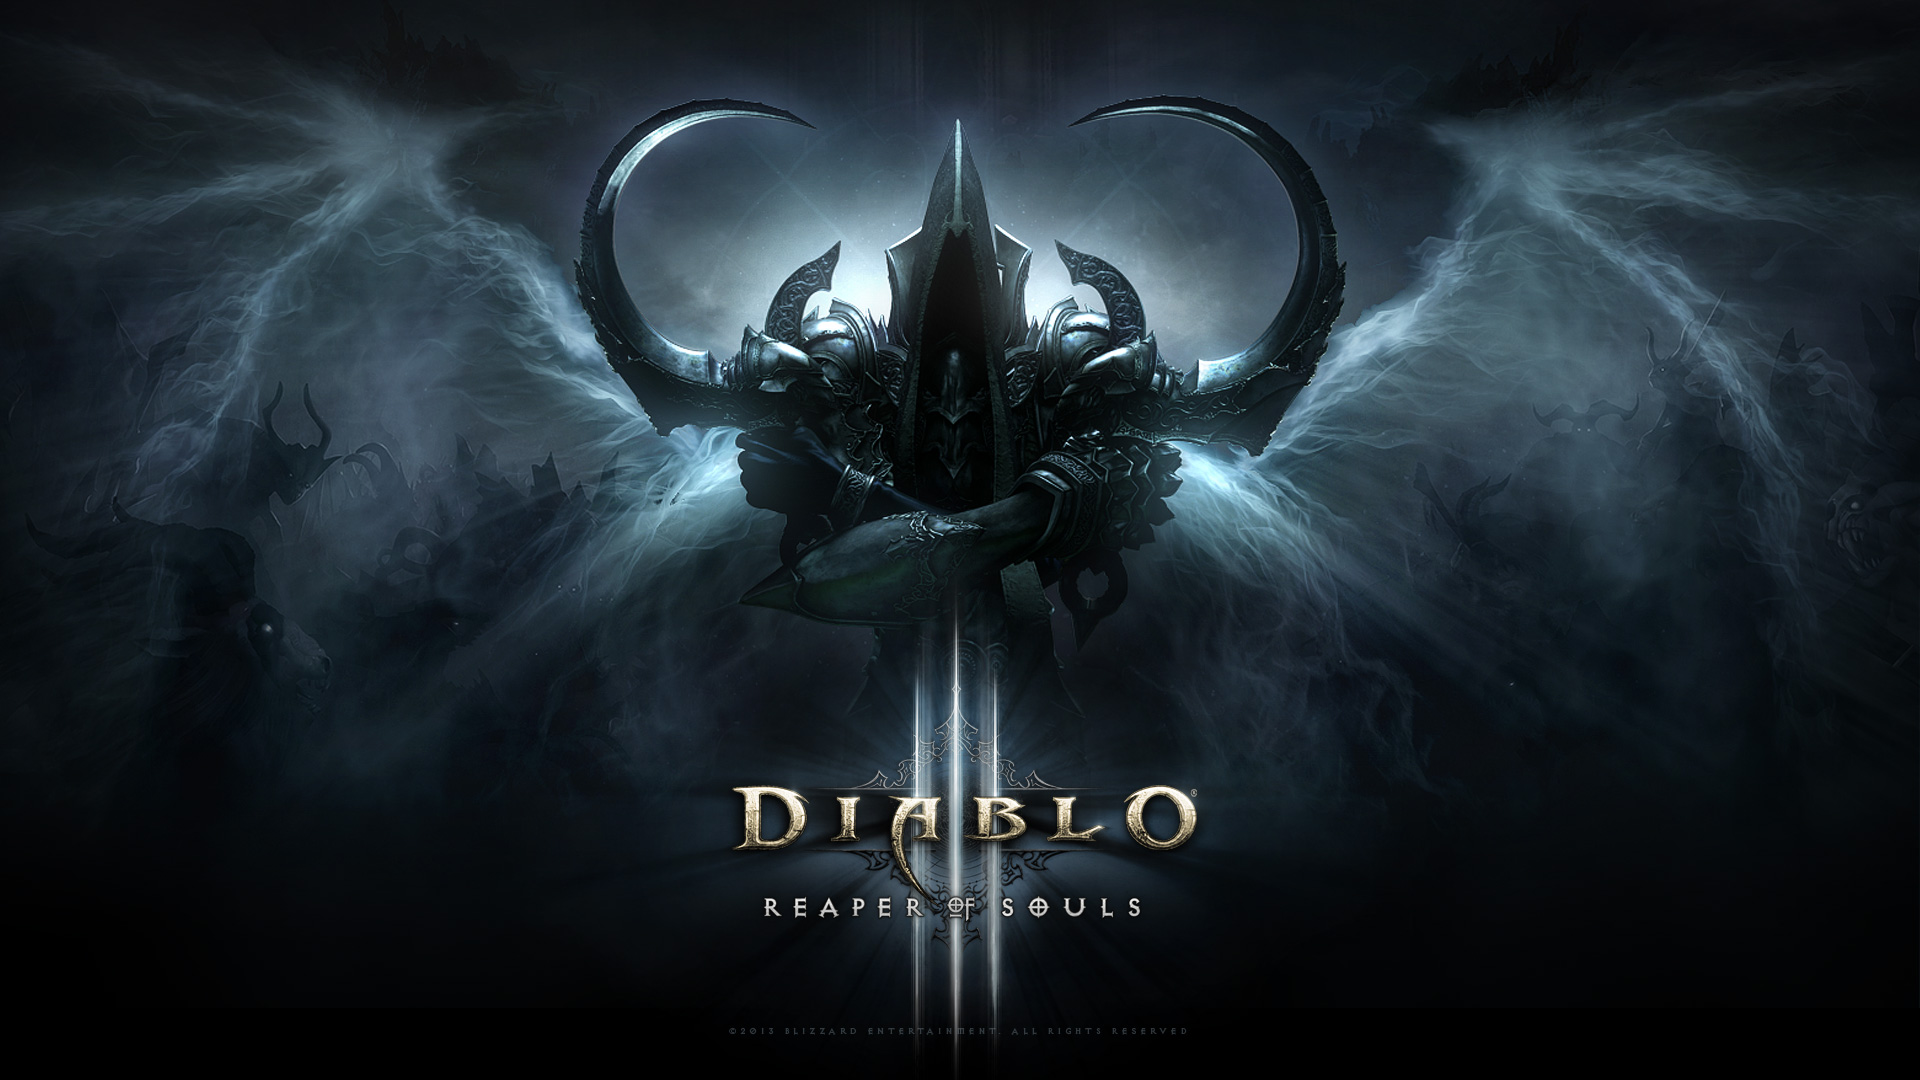 Diablo-3-Reaper-of-Souls-Wallpaper-6